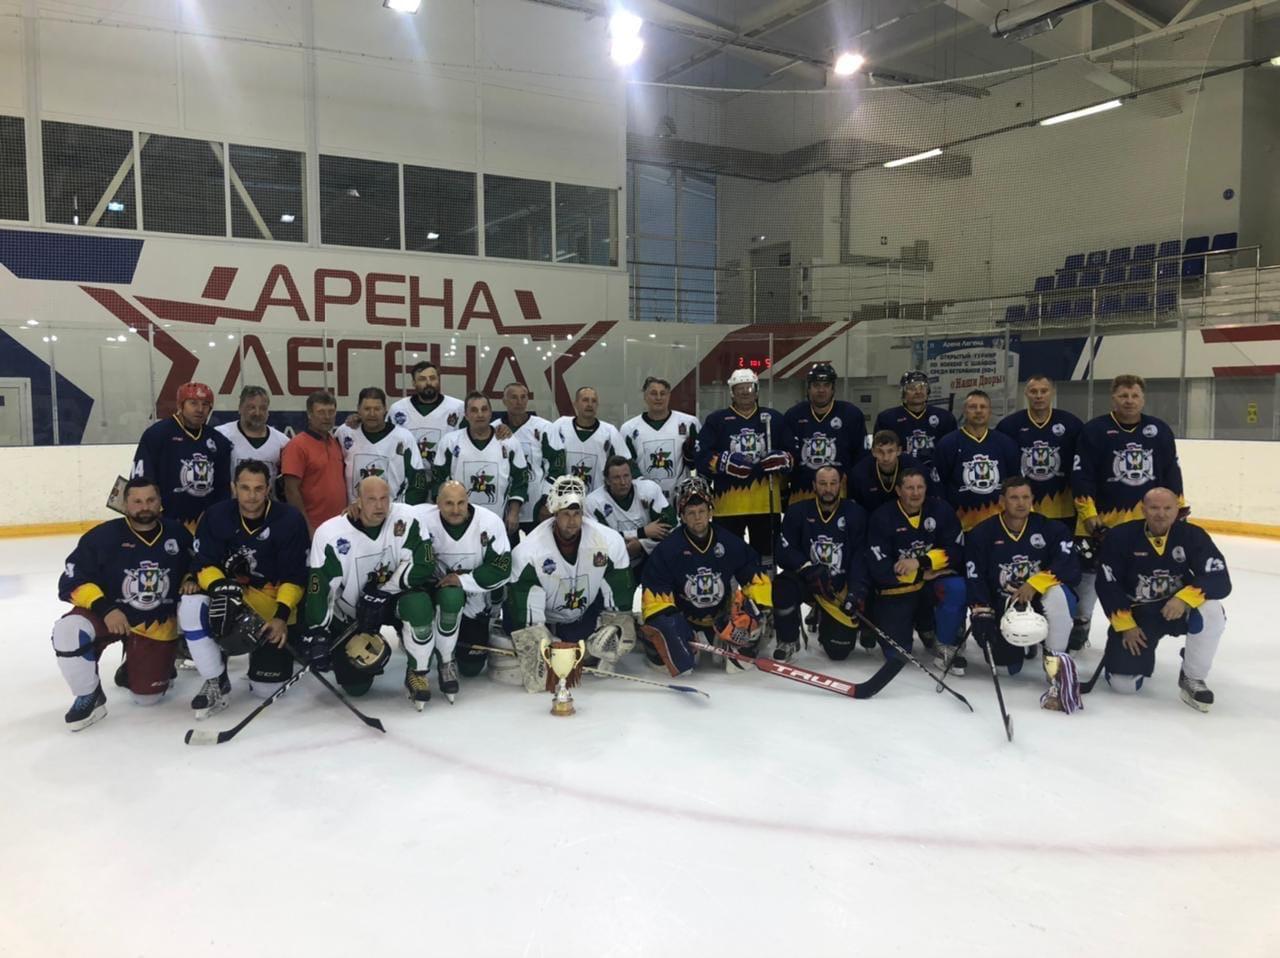 С 9 по 11 июля в ЛДС «Арена Легенд» г. Озёры проходил IV Открытый турнир по хоккею среди ветеранов 50+ «Наши дворы», посвященный памяти Д.Ю. Лебедева.